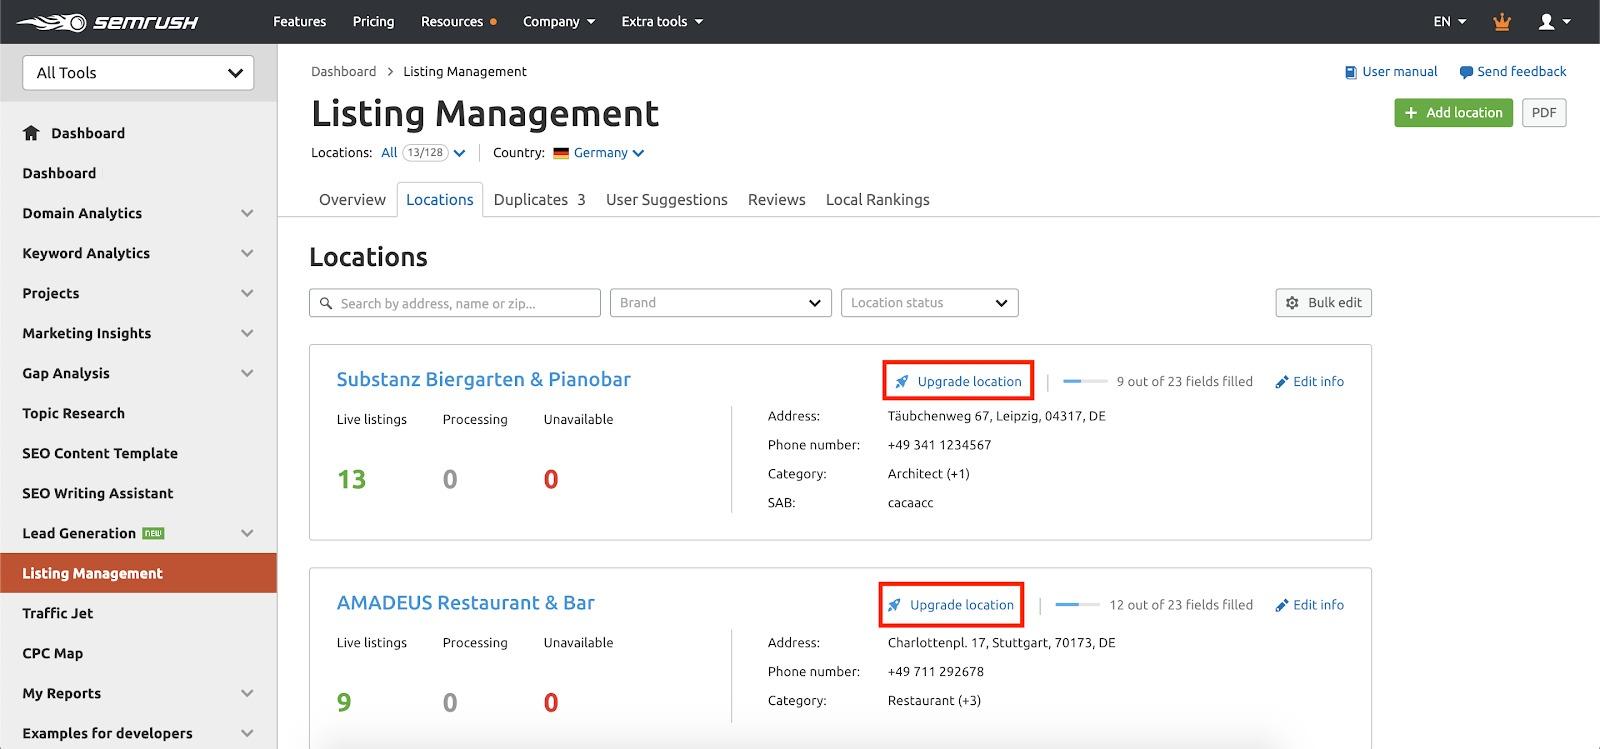 Listing Management Premium Location image 1